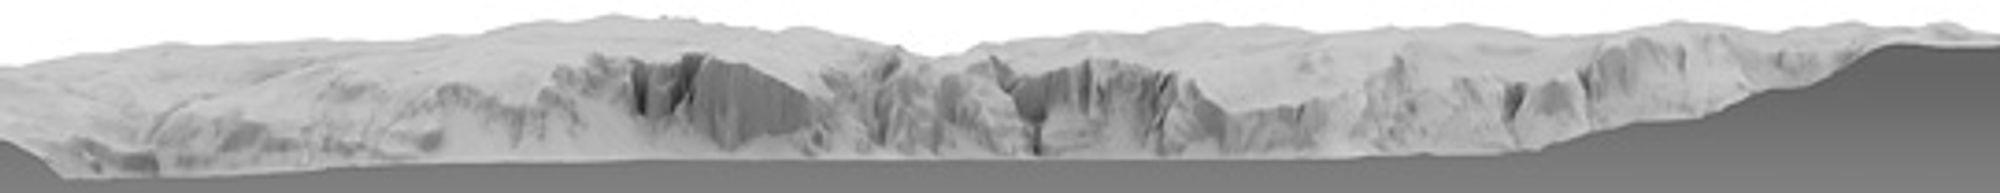 xRez Studios: Underliggende 3D-modell som de 20 panoramaene ble projisert over.